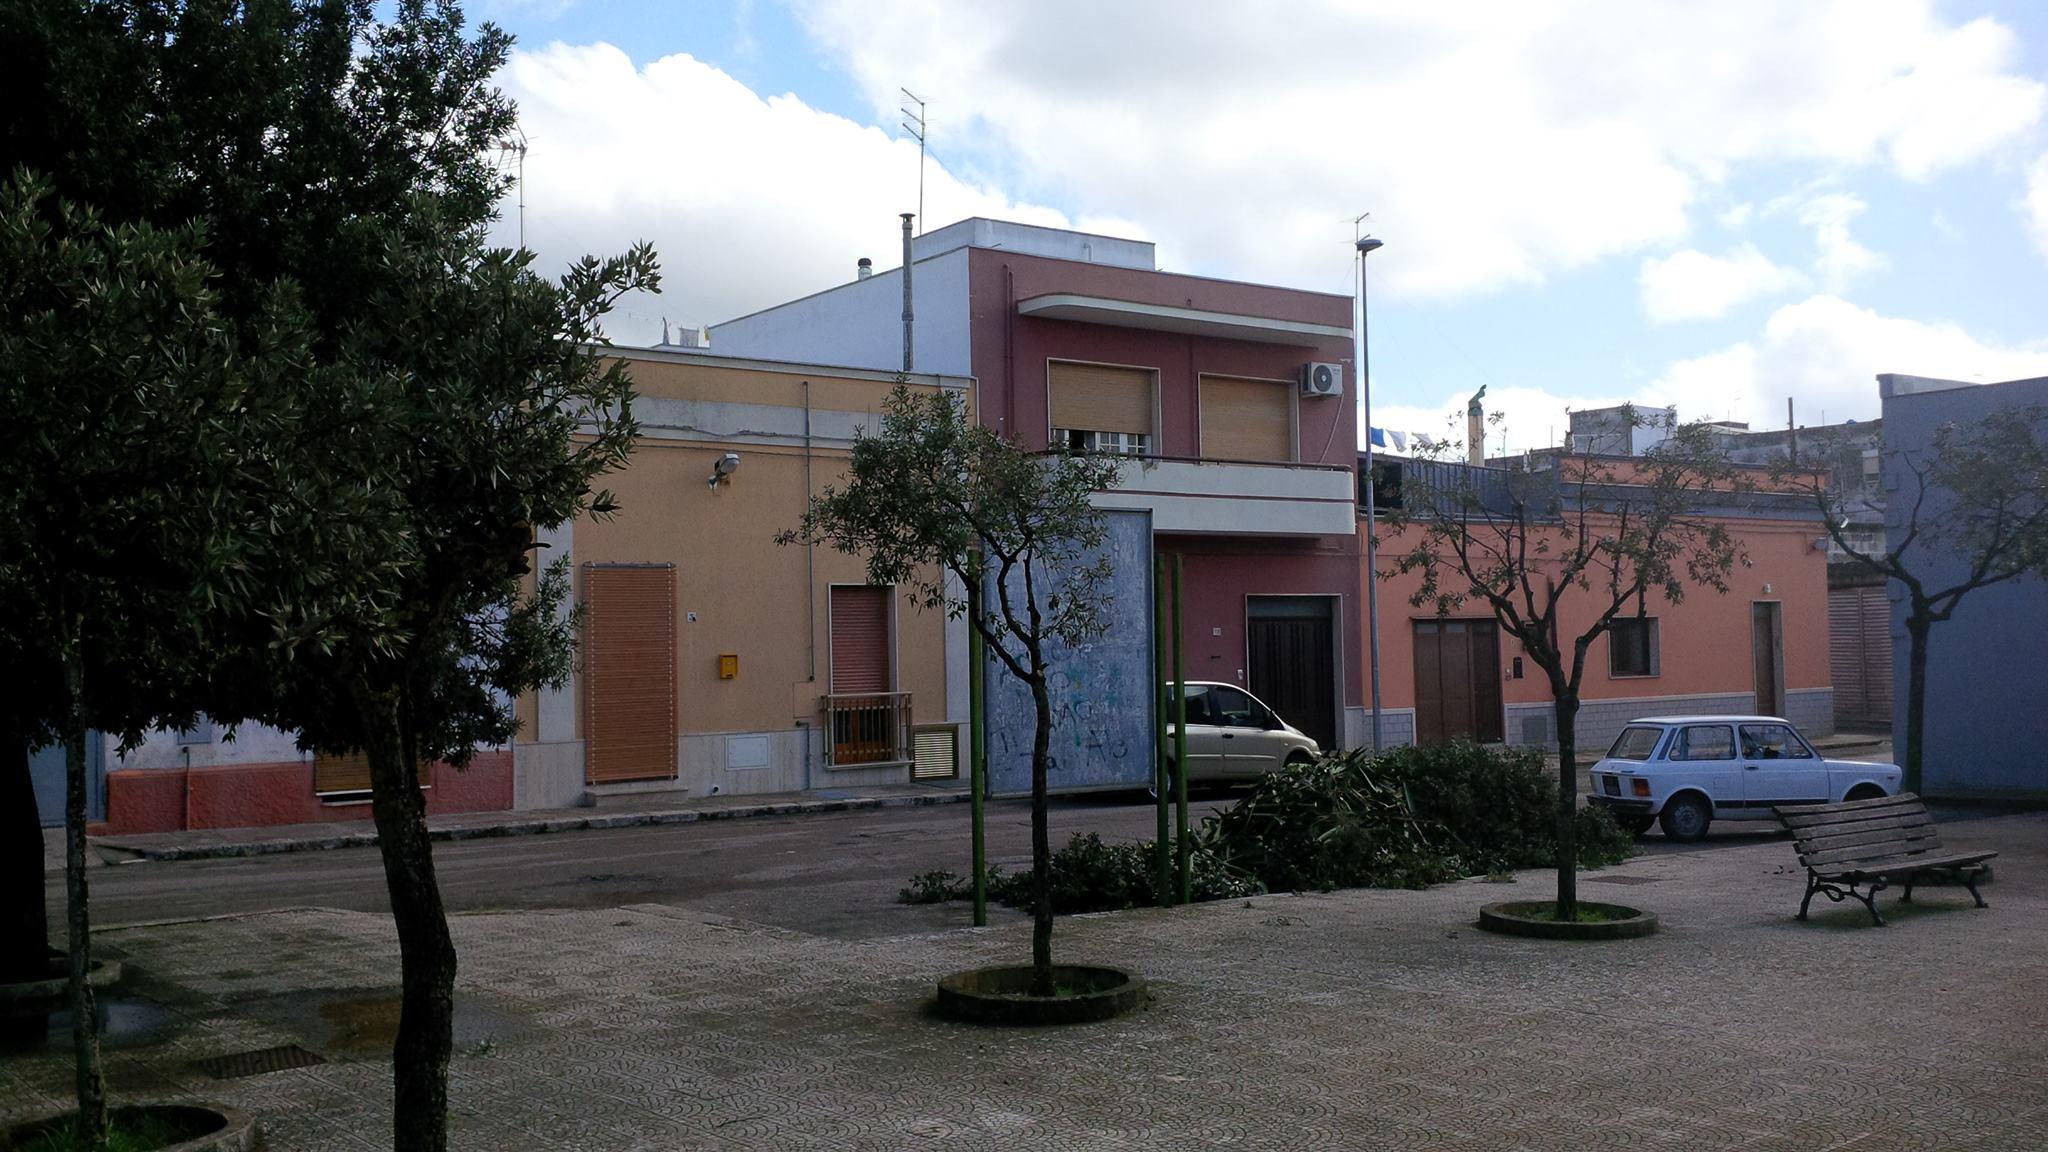 lecci - Piazza Archita